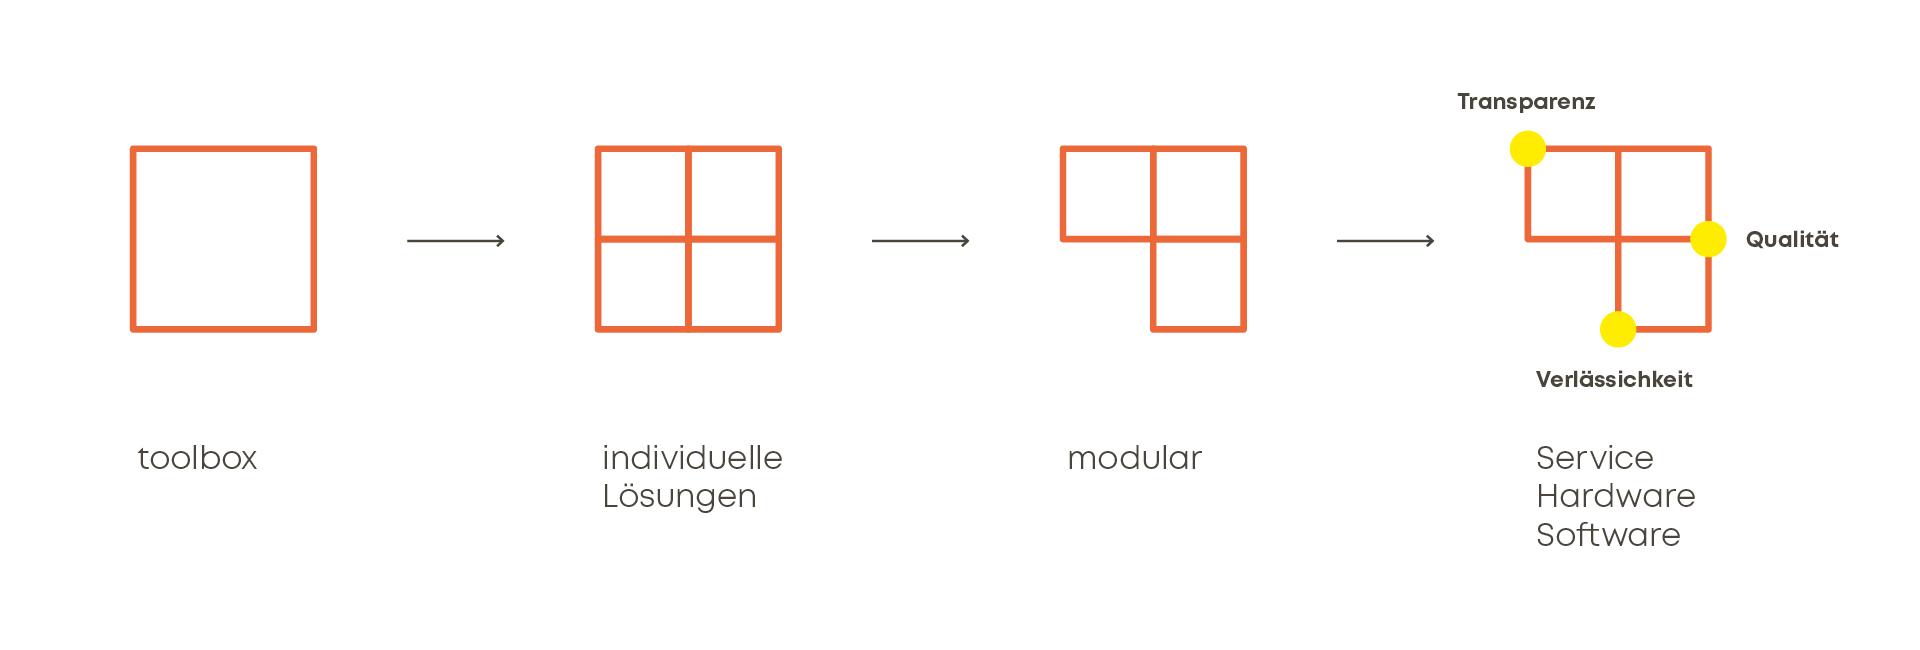 Entwicklung Bildmarke im Rahmen des neuen Markenauftritts für toolbox Systemberatung von look! design